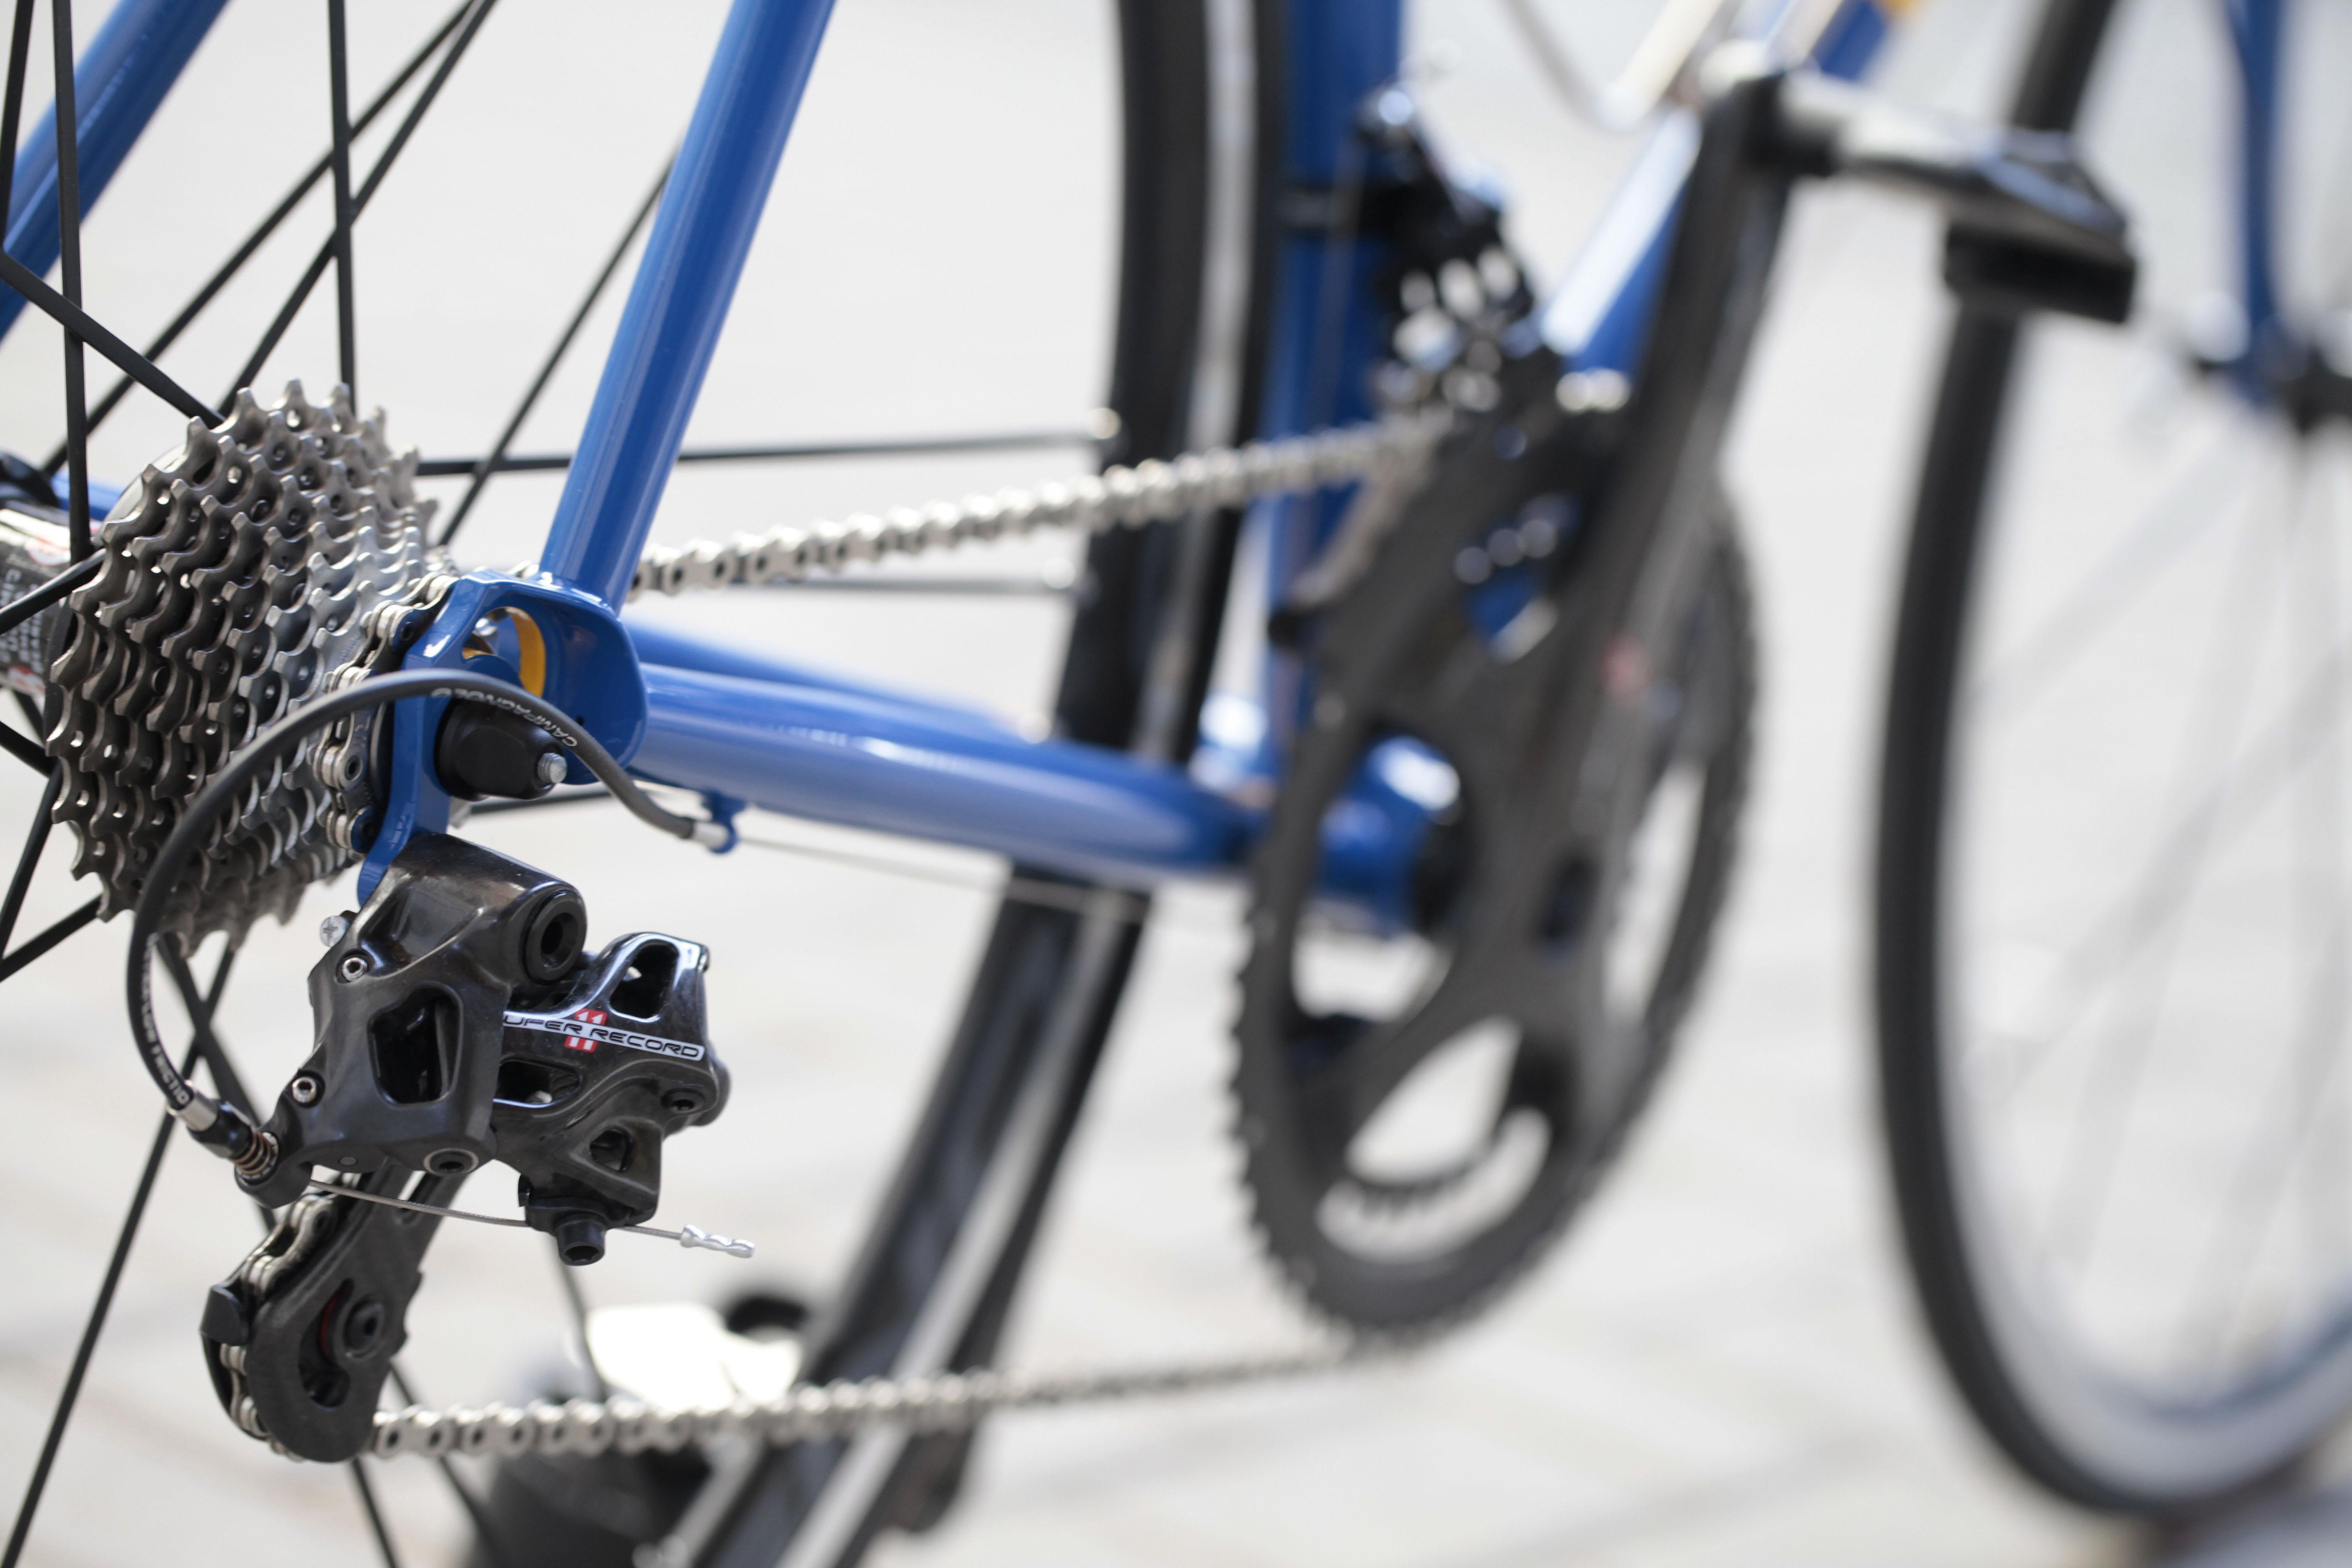 10 Dettaglio forcellini e tubi posteriori di Bixxis Prima, bicicletta artigianale in acciaio realizzata a mano da Doriano De Rosa 010